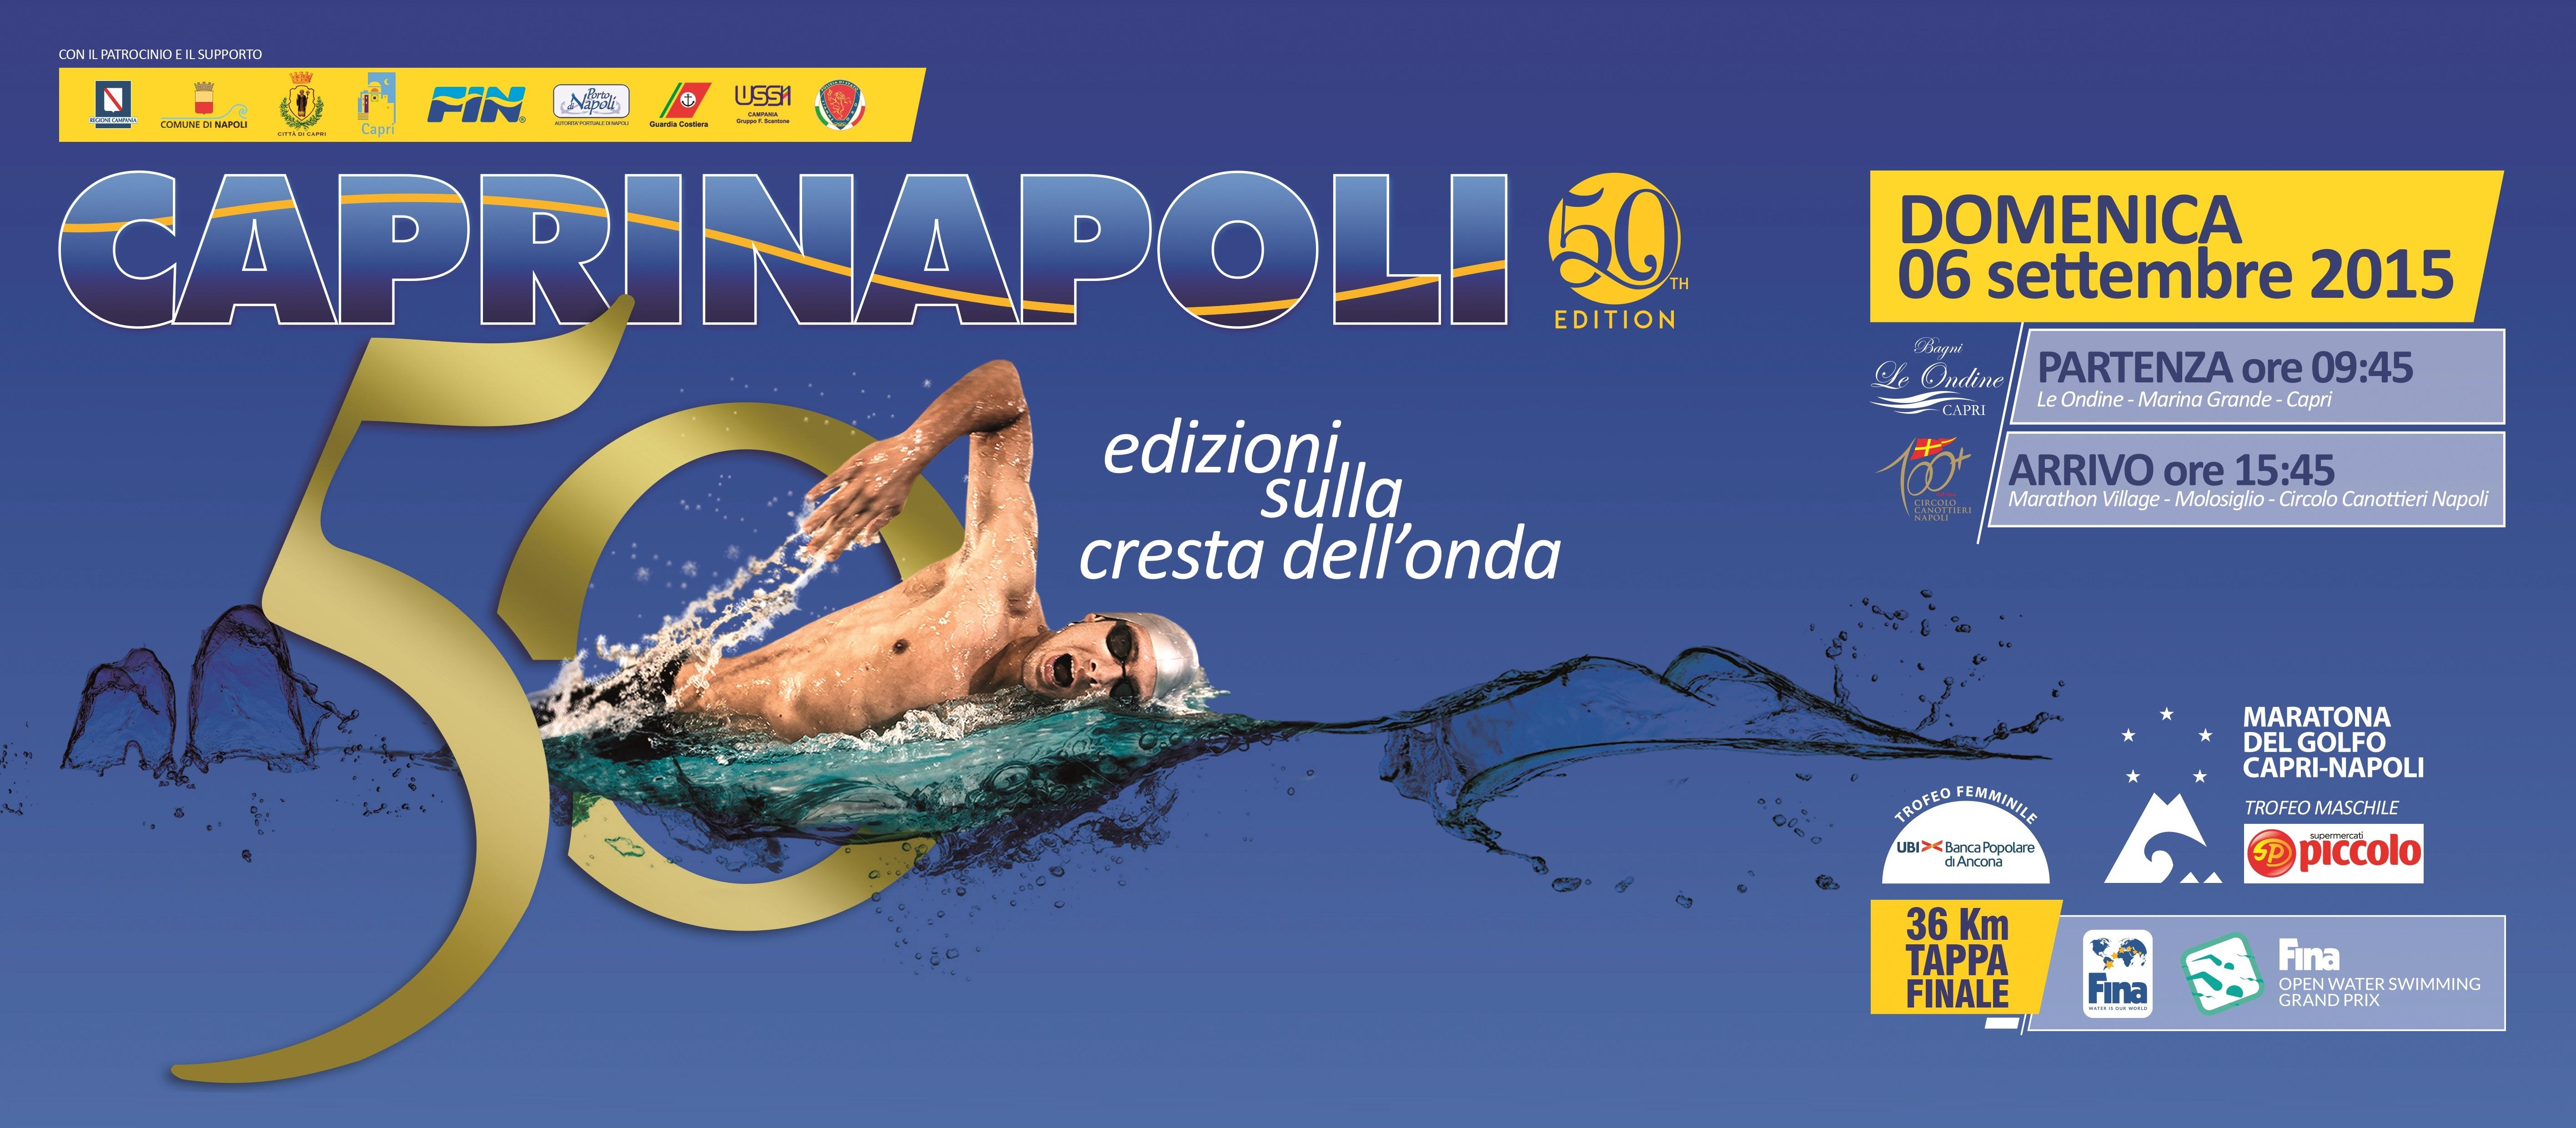 Tutto pronto per la Capri -Napoli. Domenica 6 settembre il via al 50esima edizione